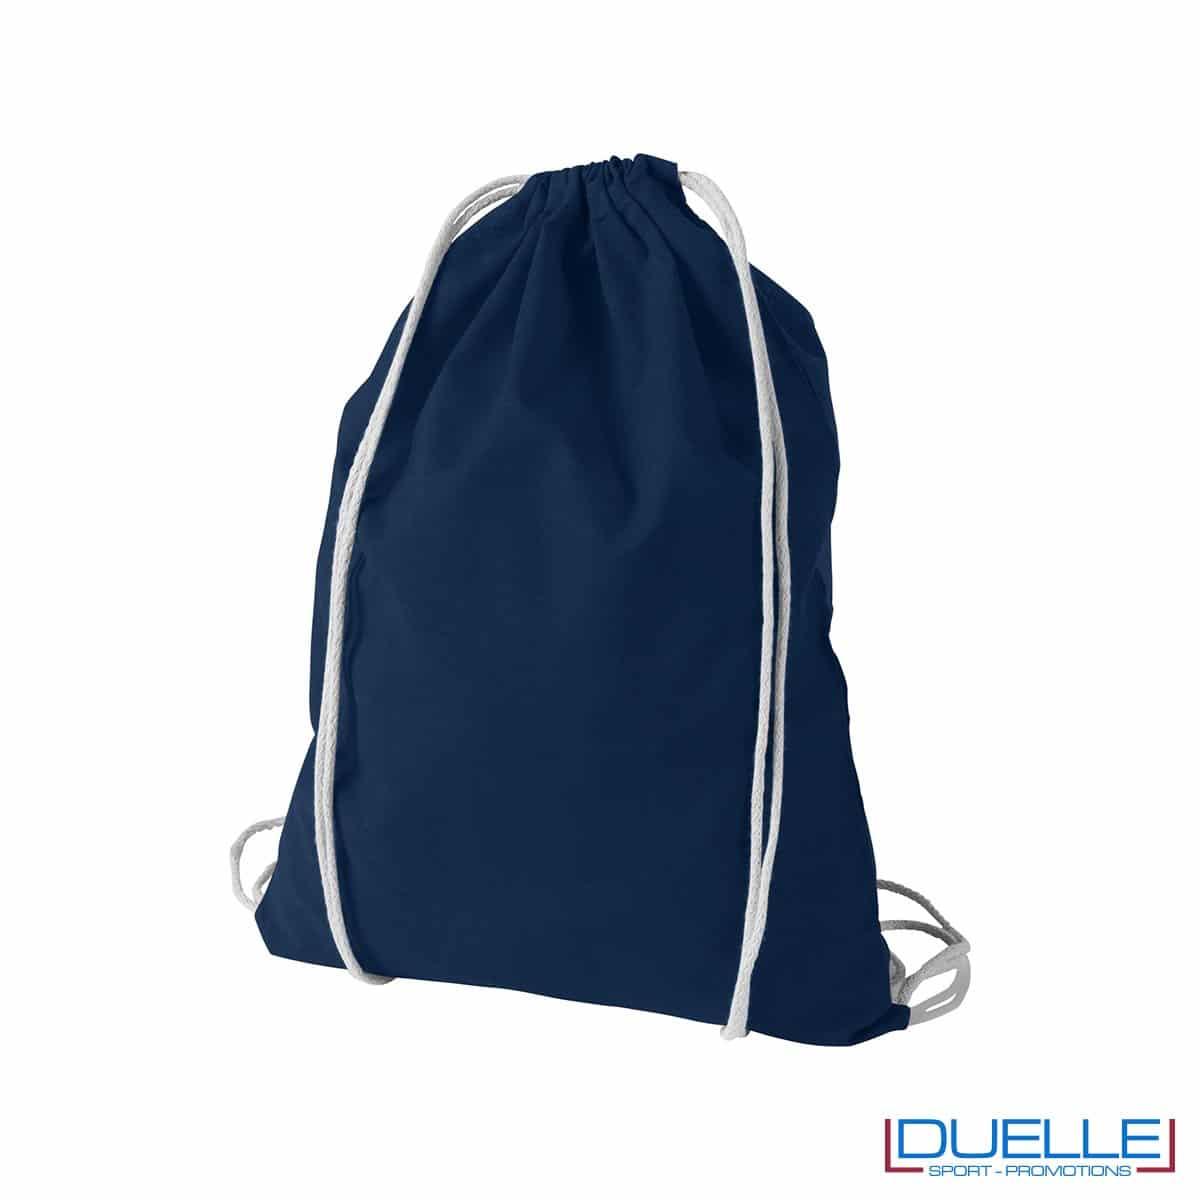 Zainetto economico in cotone colore blu navy personalizzabile